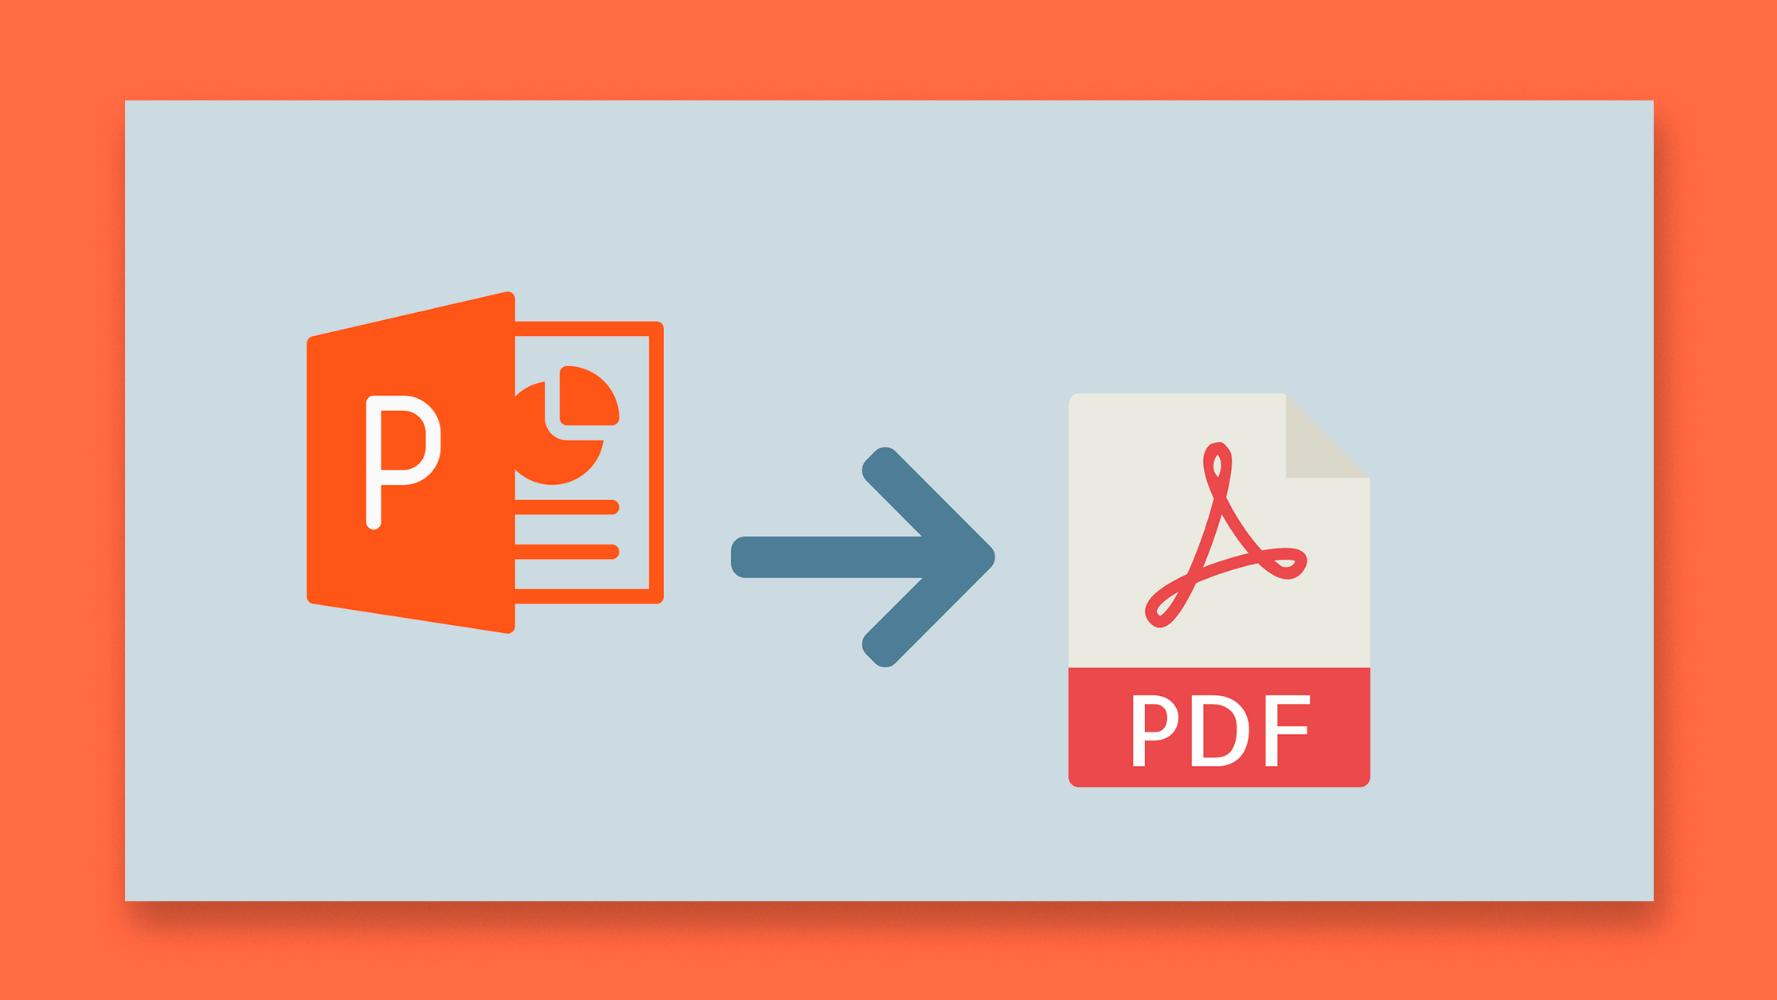 نحوه صادر کردن ارائه پاورپوینت خود به عنوان یک فایل PDF |  نکات سریع و آموزش برای ارائه های خود